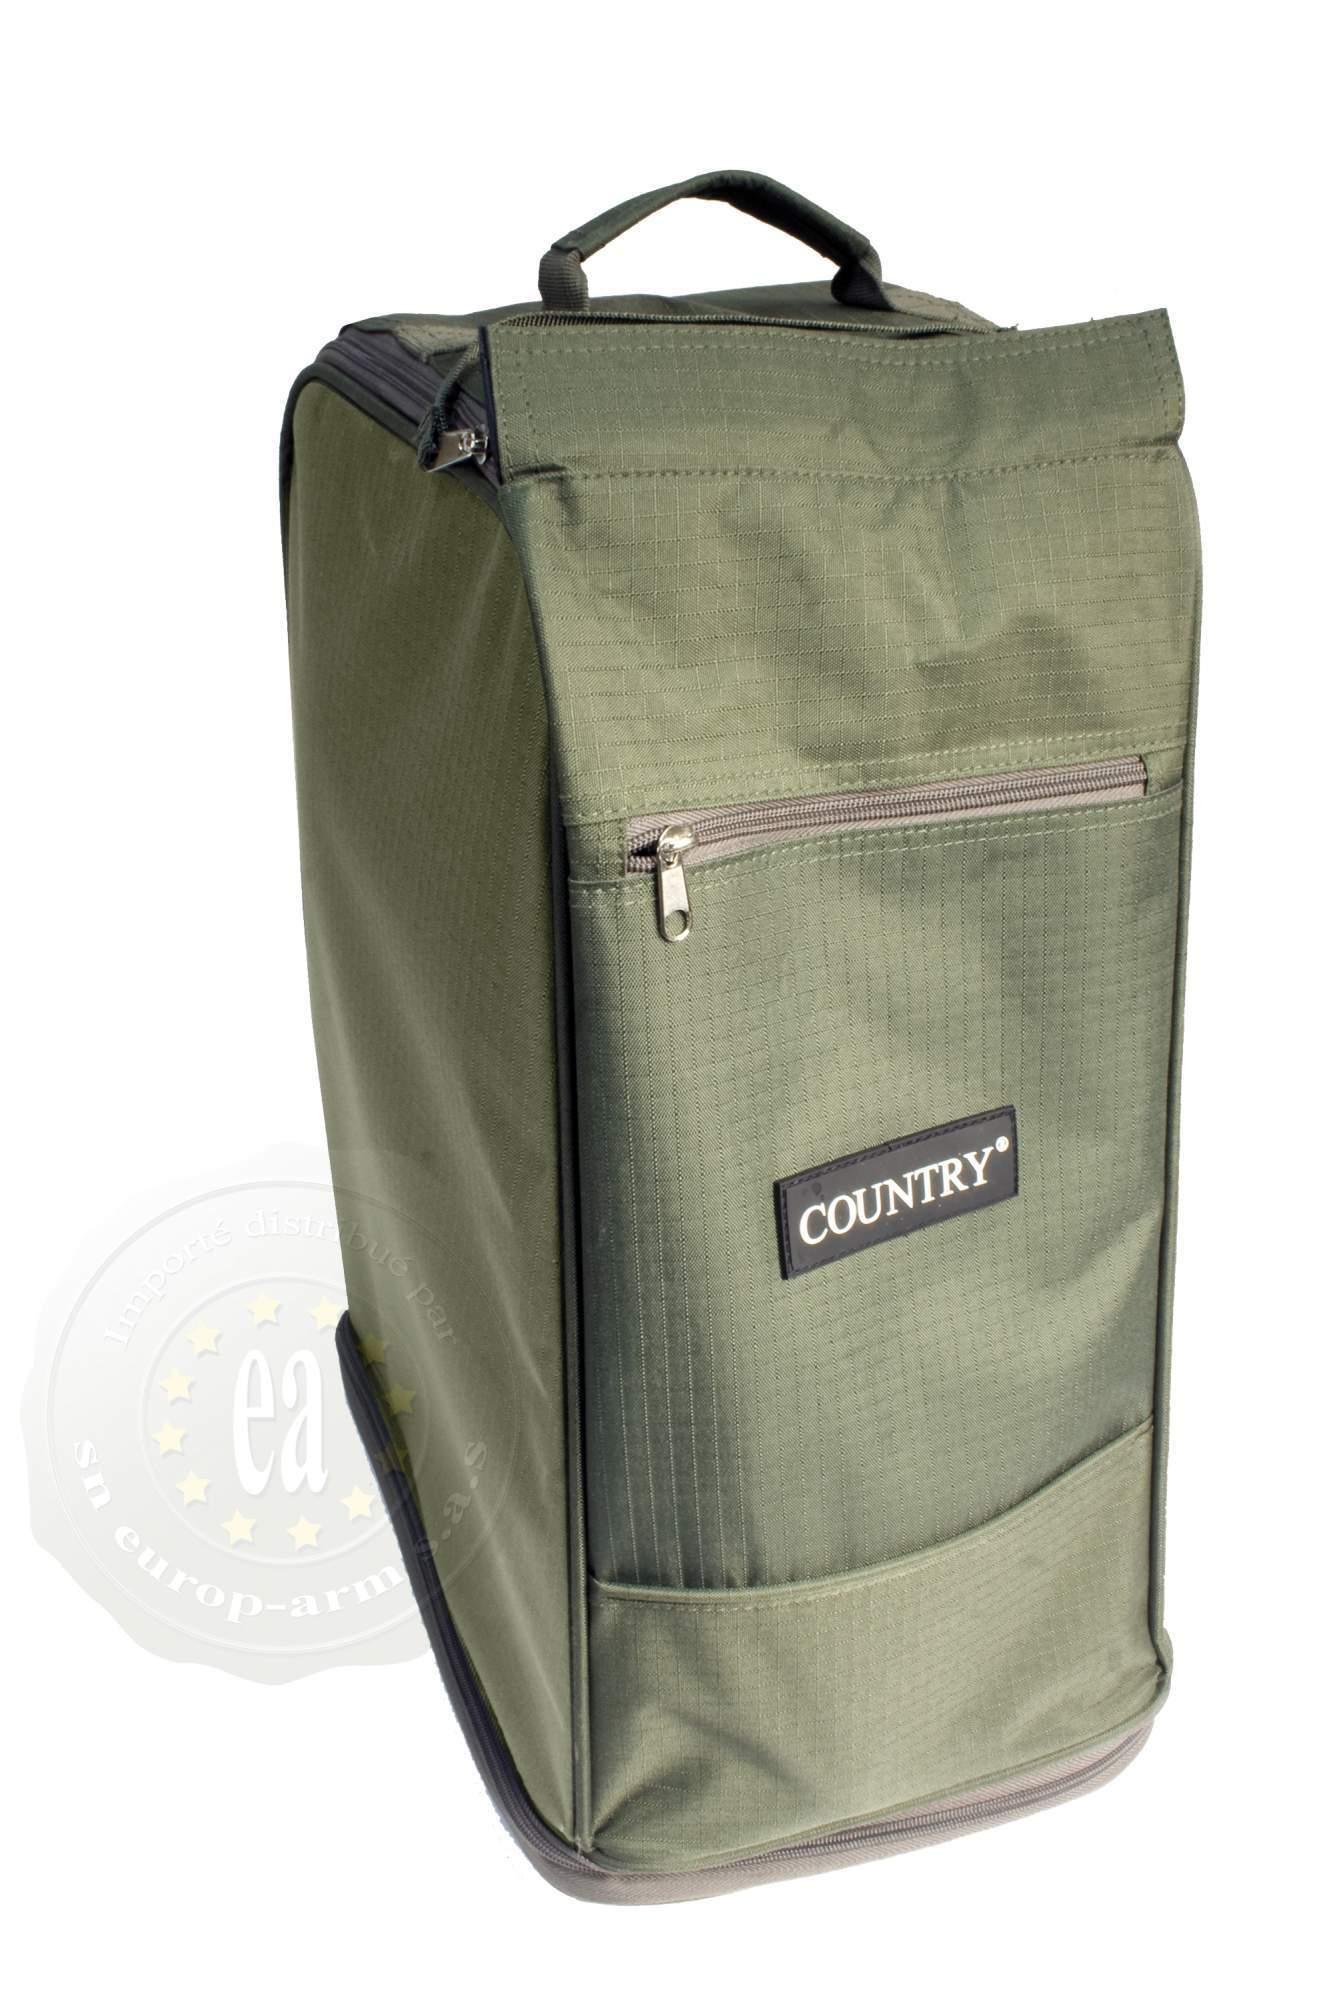 sac de rangement pour bottes country vert en cordura chasse peche vetements vetement nature. Black Bedroom Furniture Sets. Home Design Ideas